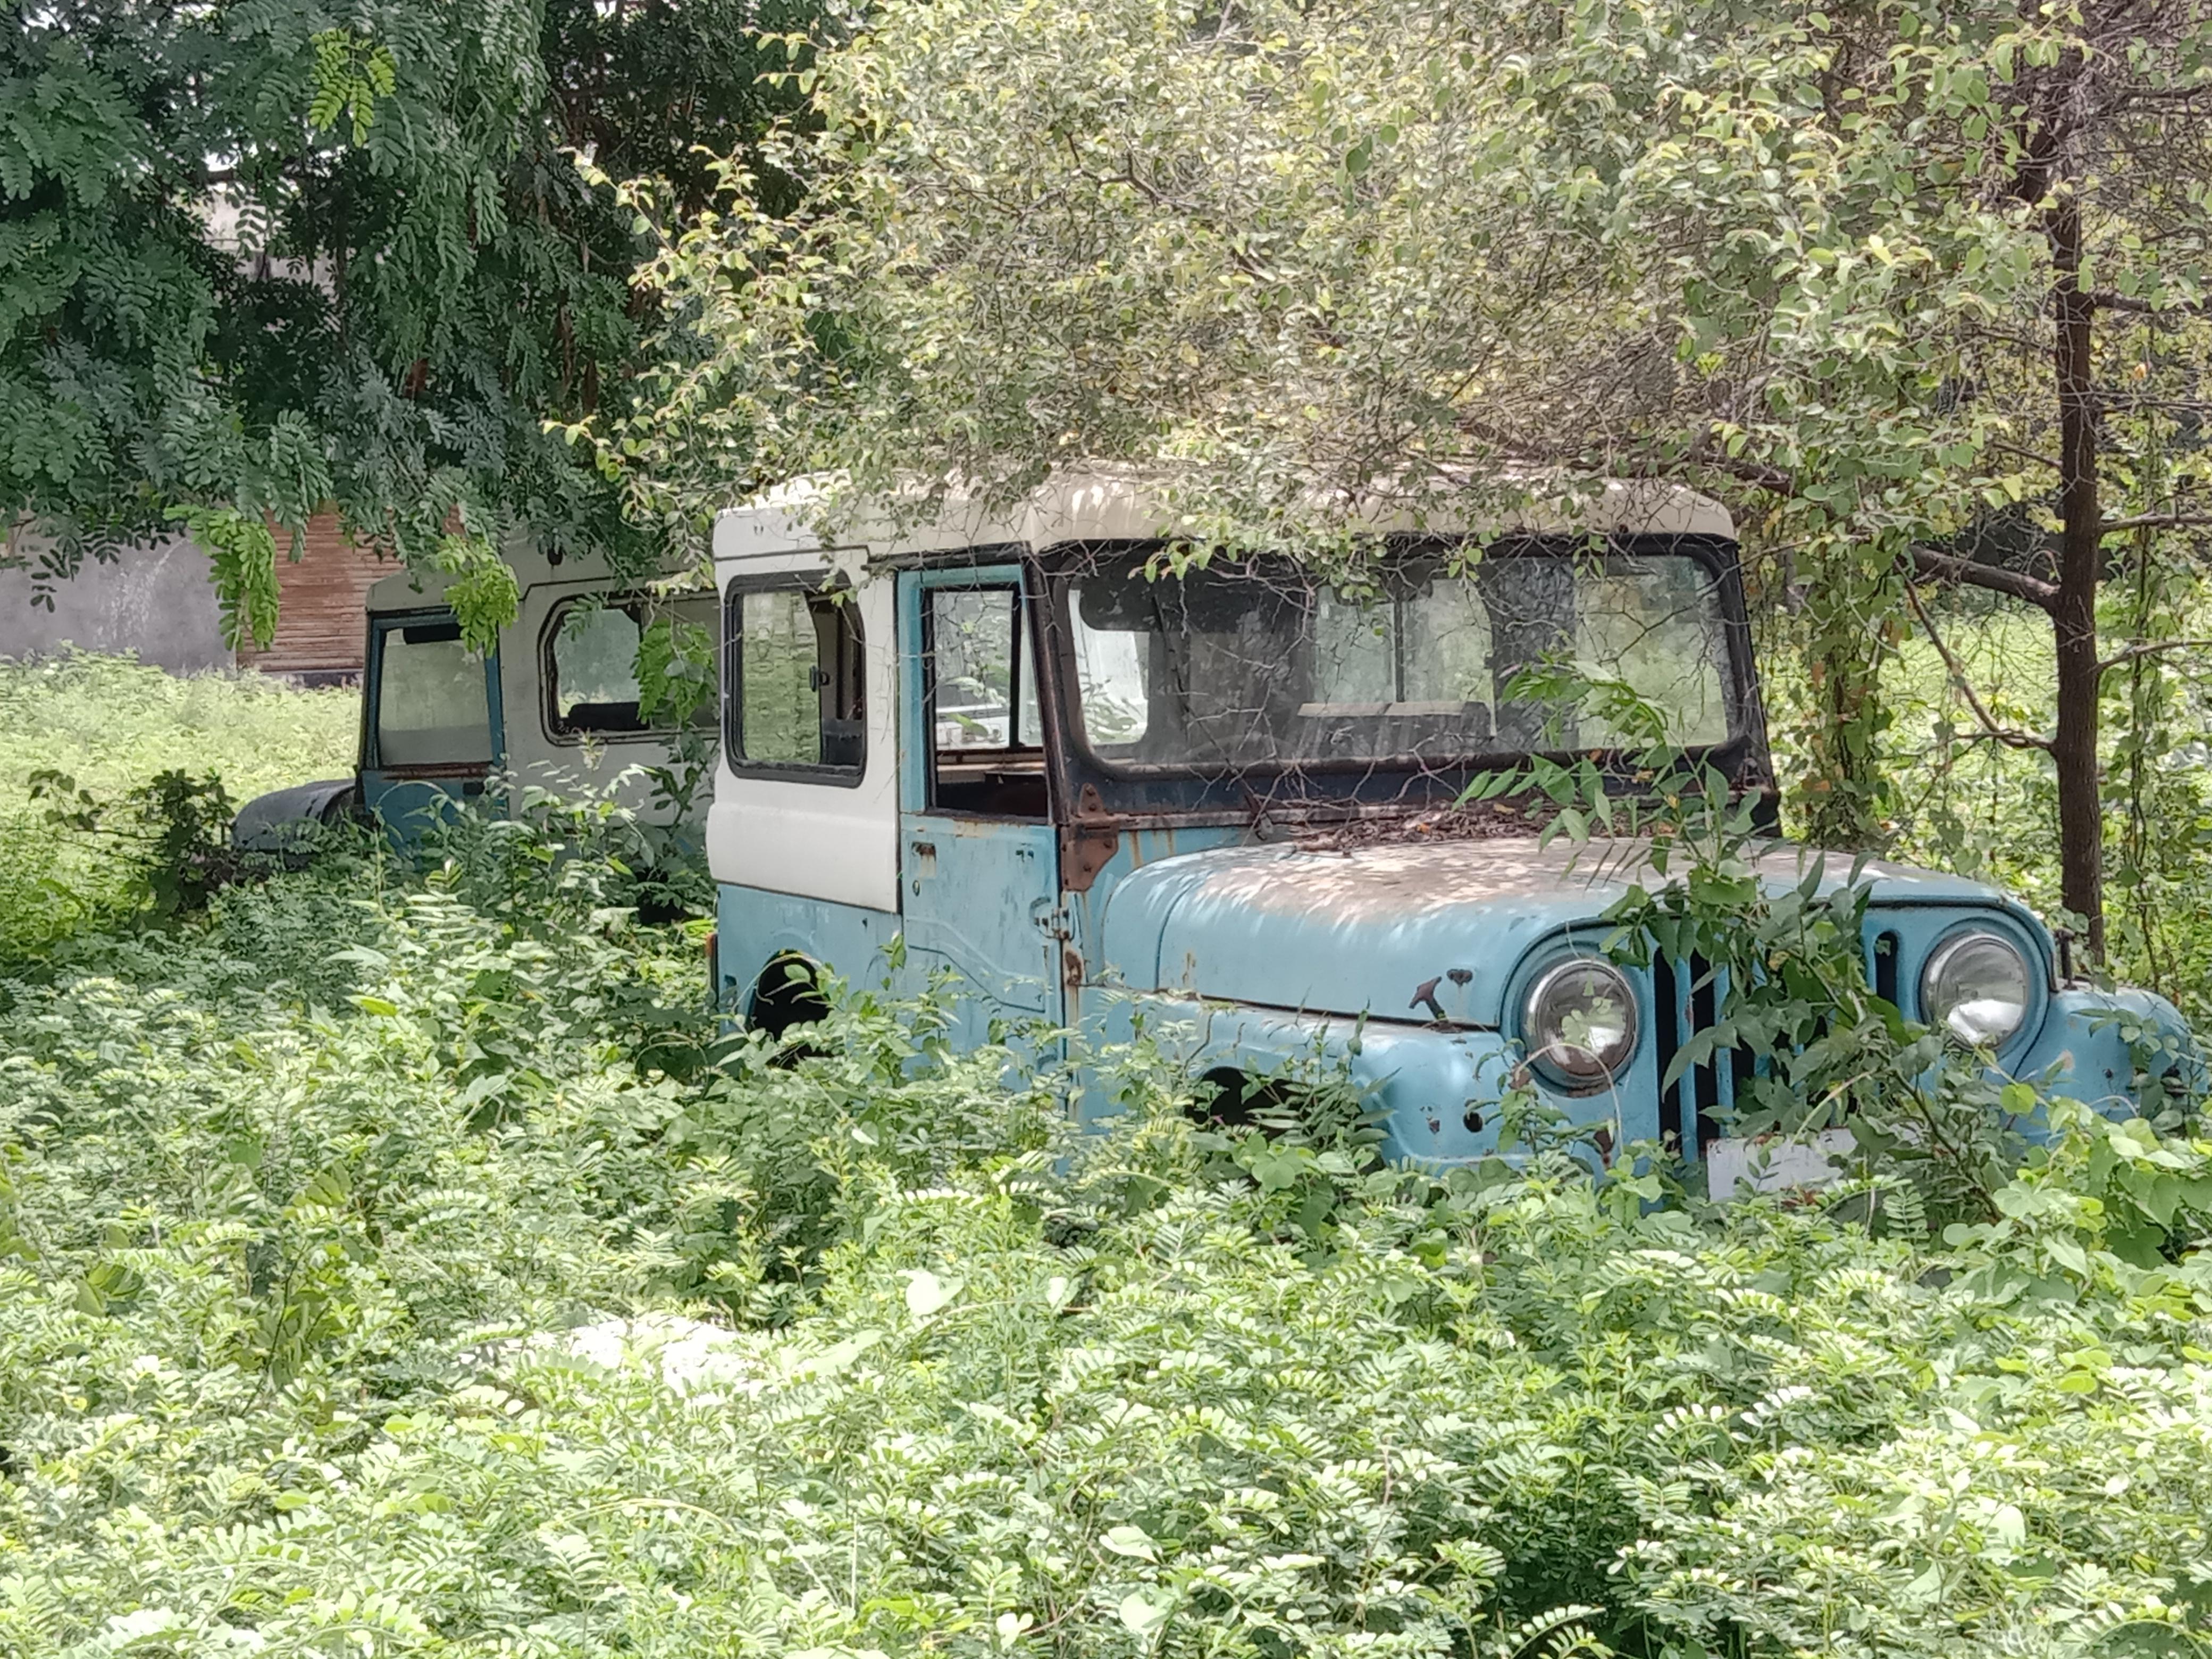 સરકારી કચેરીઓમાં પડી રહેલા જુના વાહનો ભંગારમાં જશે ( ફાઈલ ફોટો) - Divya Bhaskar